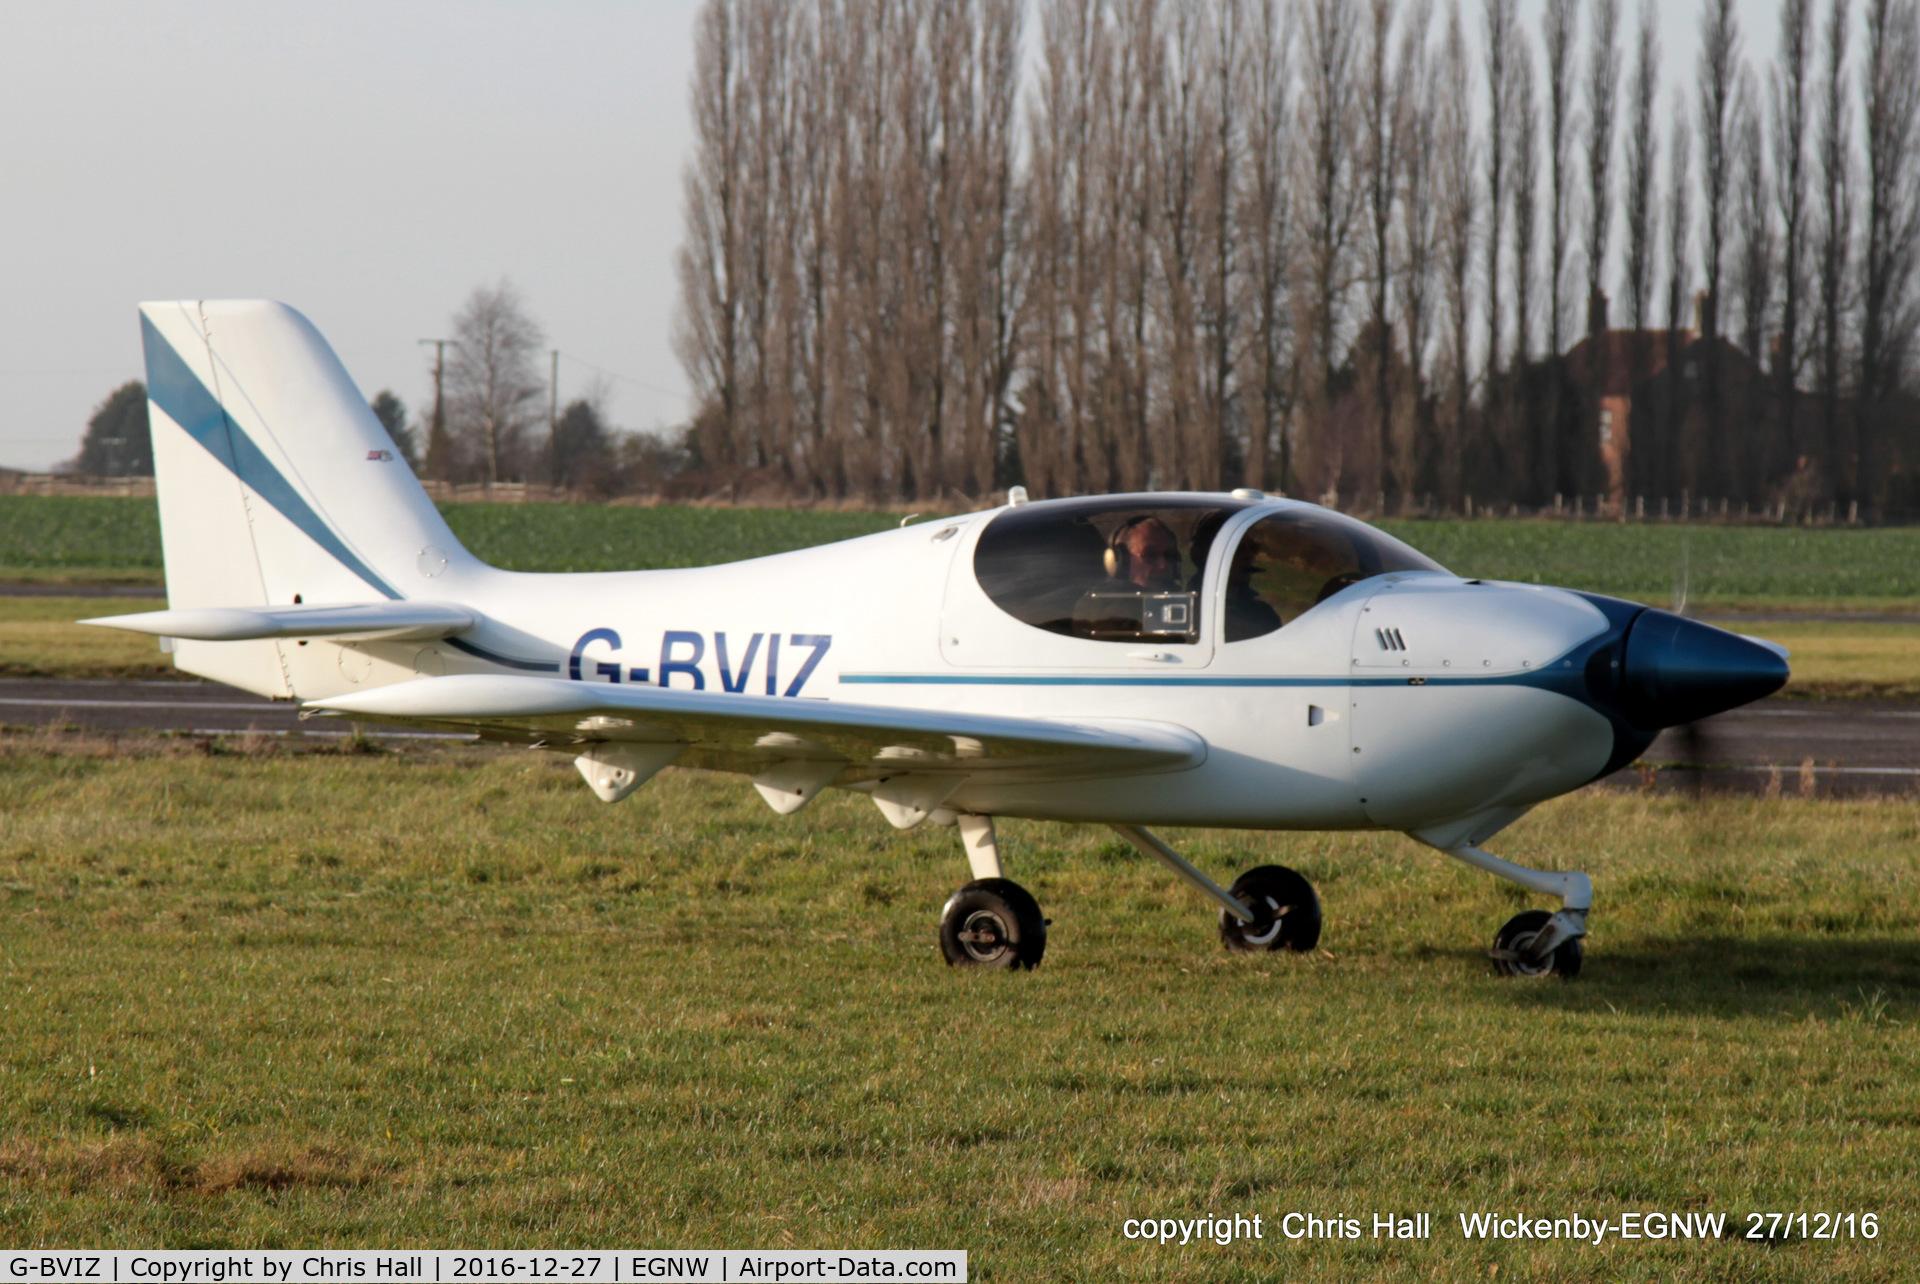 G-BVIZ, 1996 Europa Tri-Gear C/N PFA 247-12601, at the Wickenby